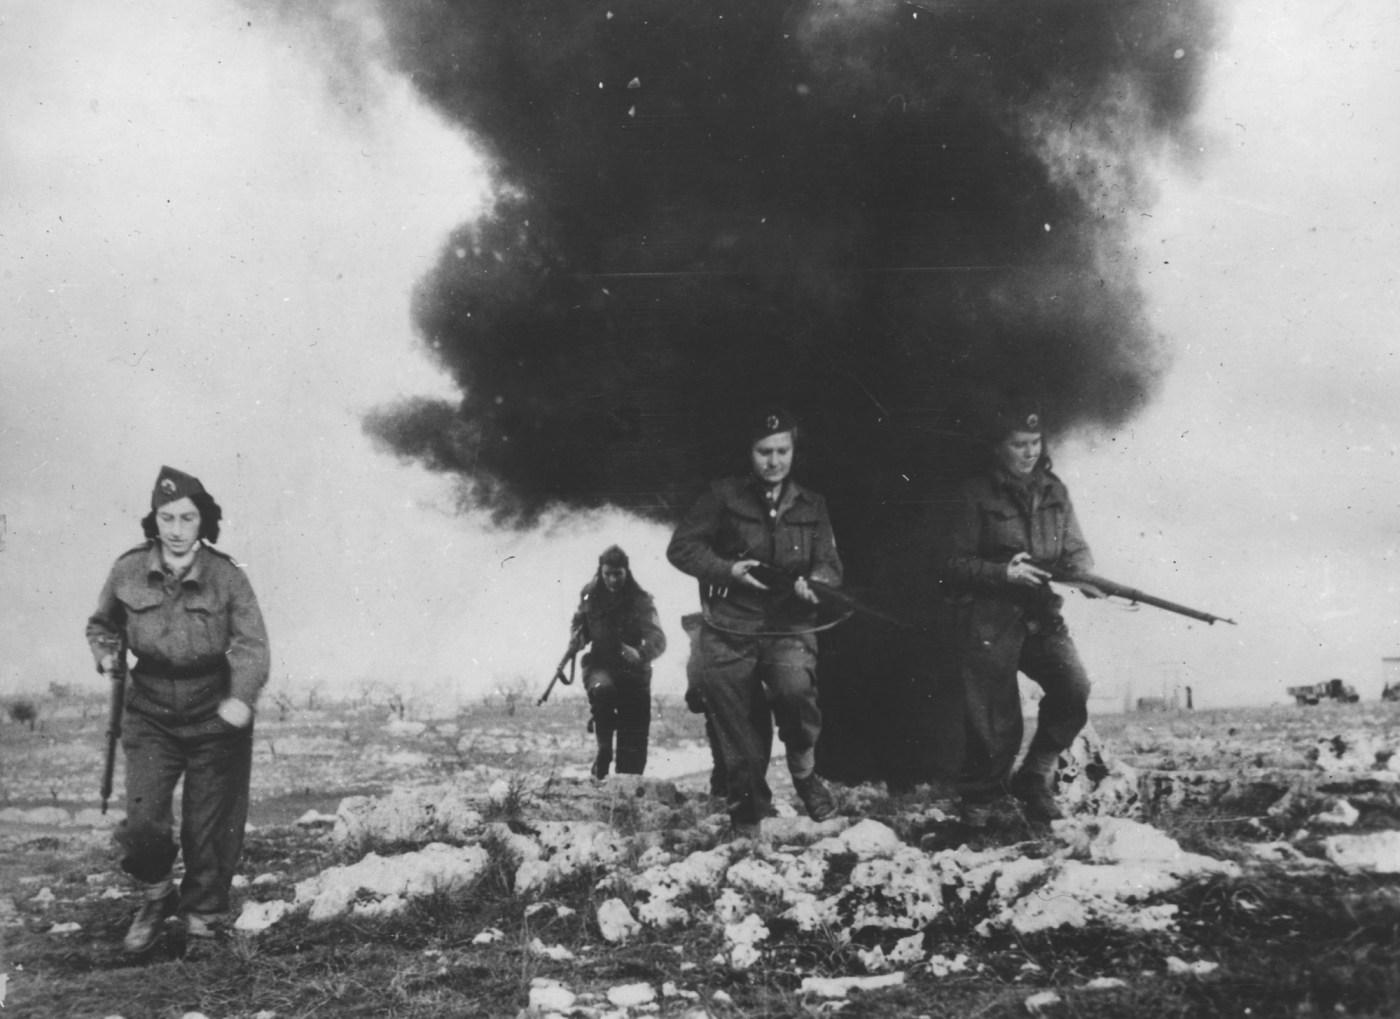 Mujeres yugoslavas combatientes en la Segunda Guerra Mundial.